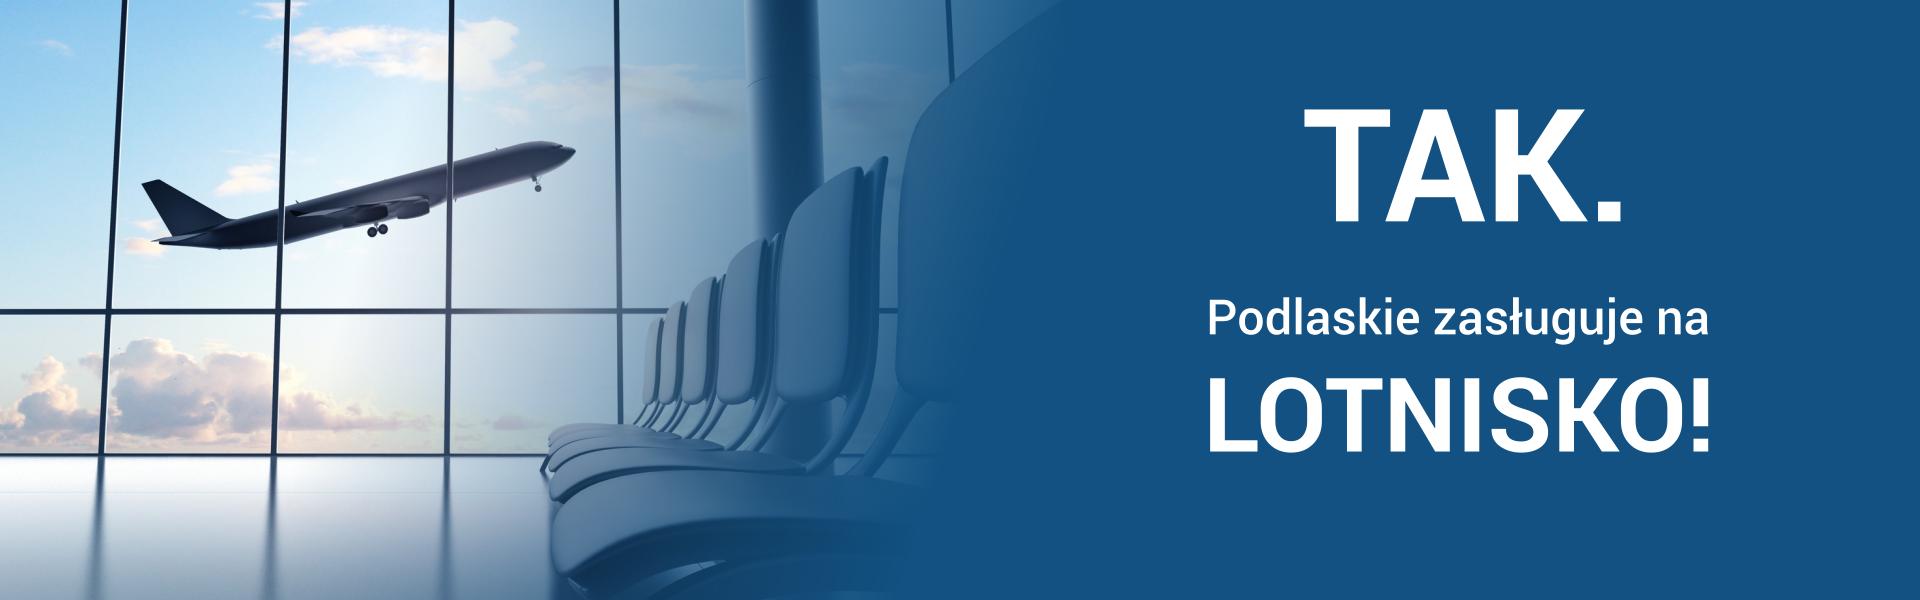 Poprzyj projekt Lotnisko dla PODLASIA!